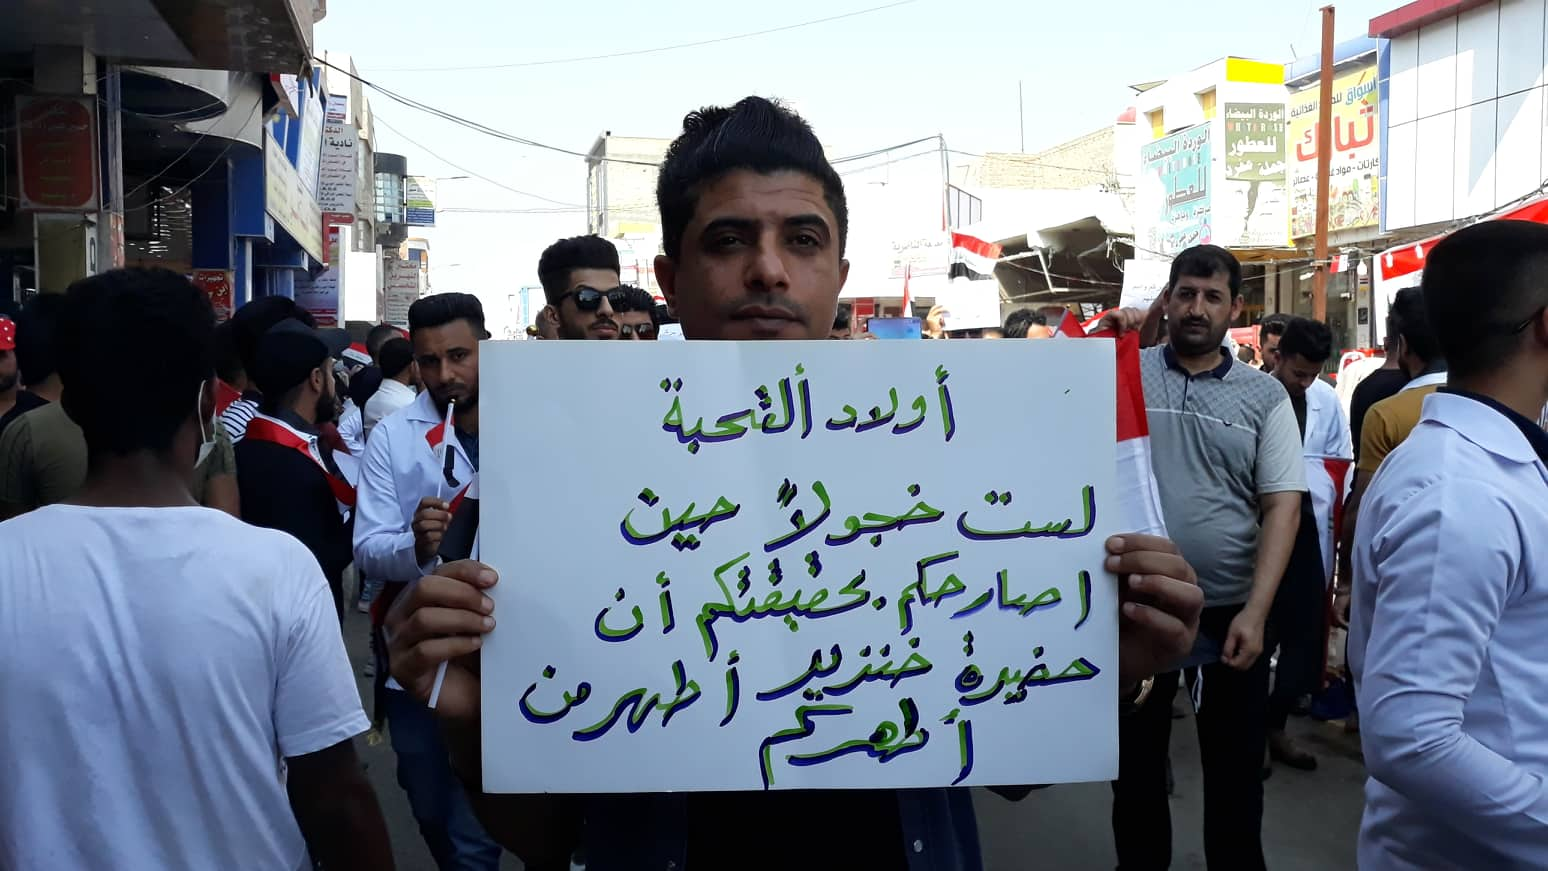 متظاهرو ذي قار والديوانية يهتفون ضد مقتدى الصدر وهادي العامري (صور)